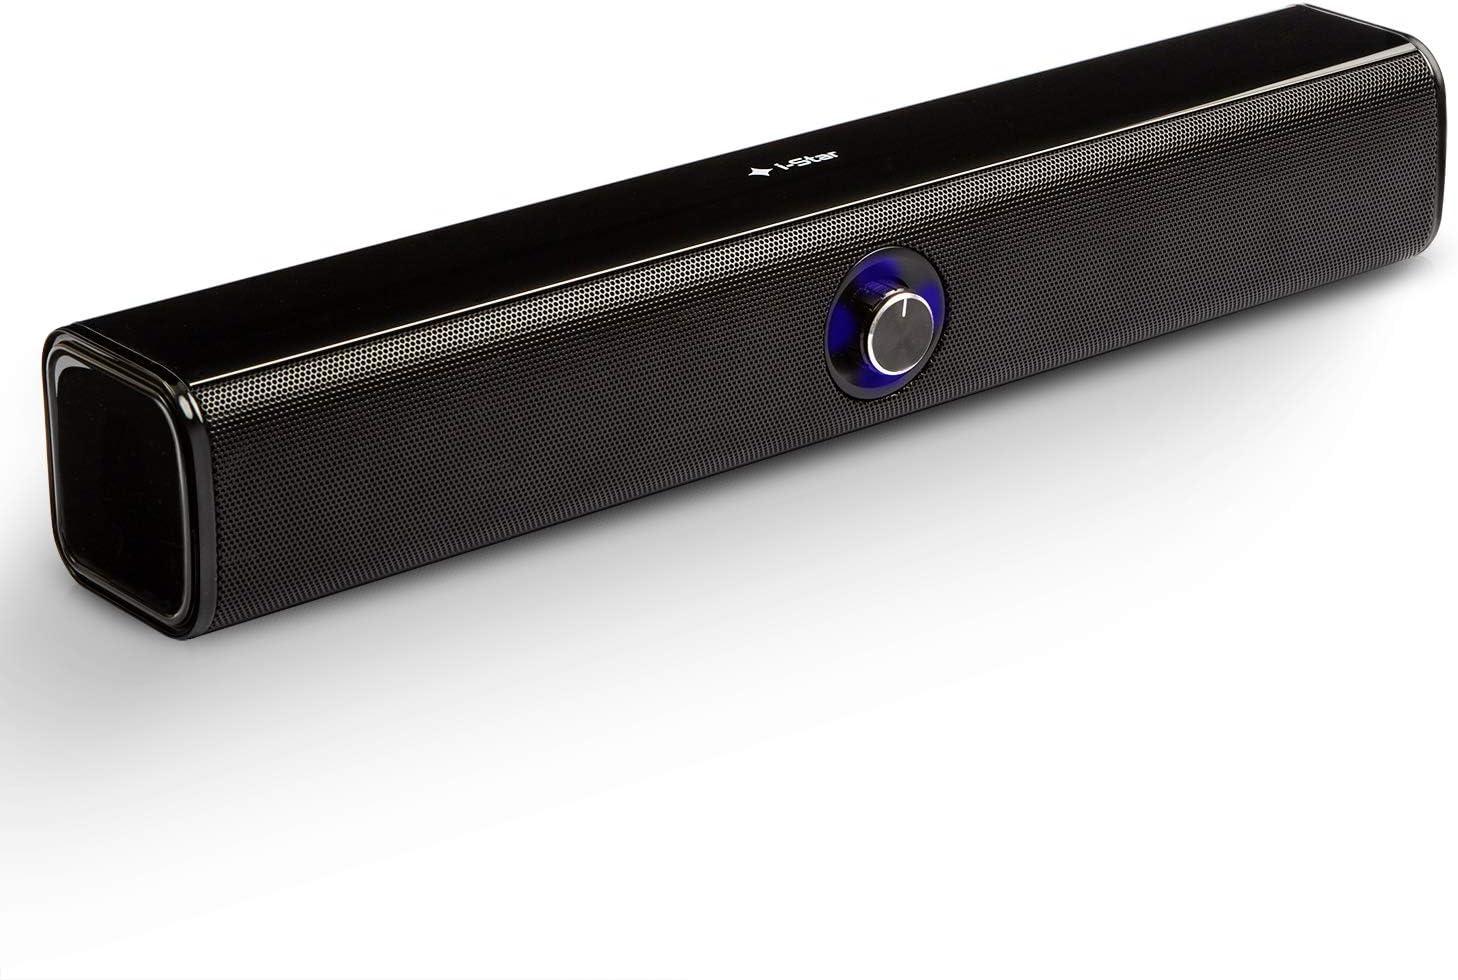 Barra de Sonido para Ordenador, TV, Portátil Altavoces PC Sobremesa, Bluetooth Inalambrico con Conexión USB, True Wireless Pairing (TWS) Sonido Estéreo